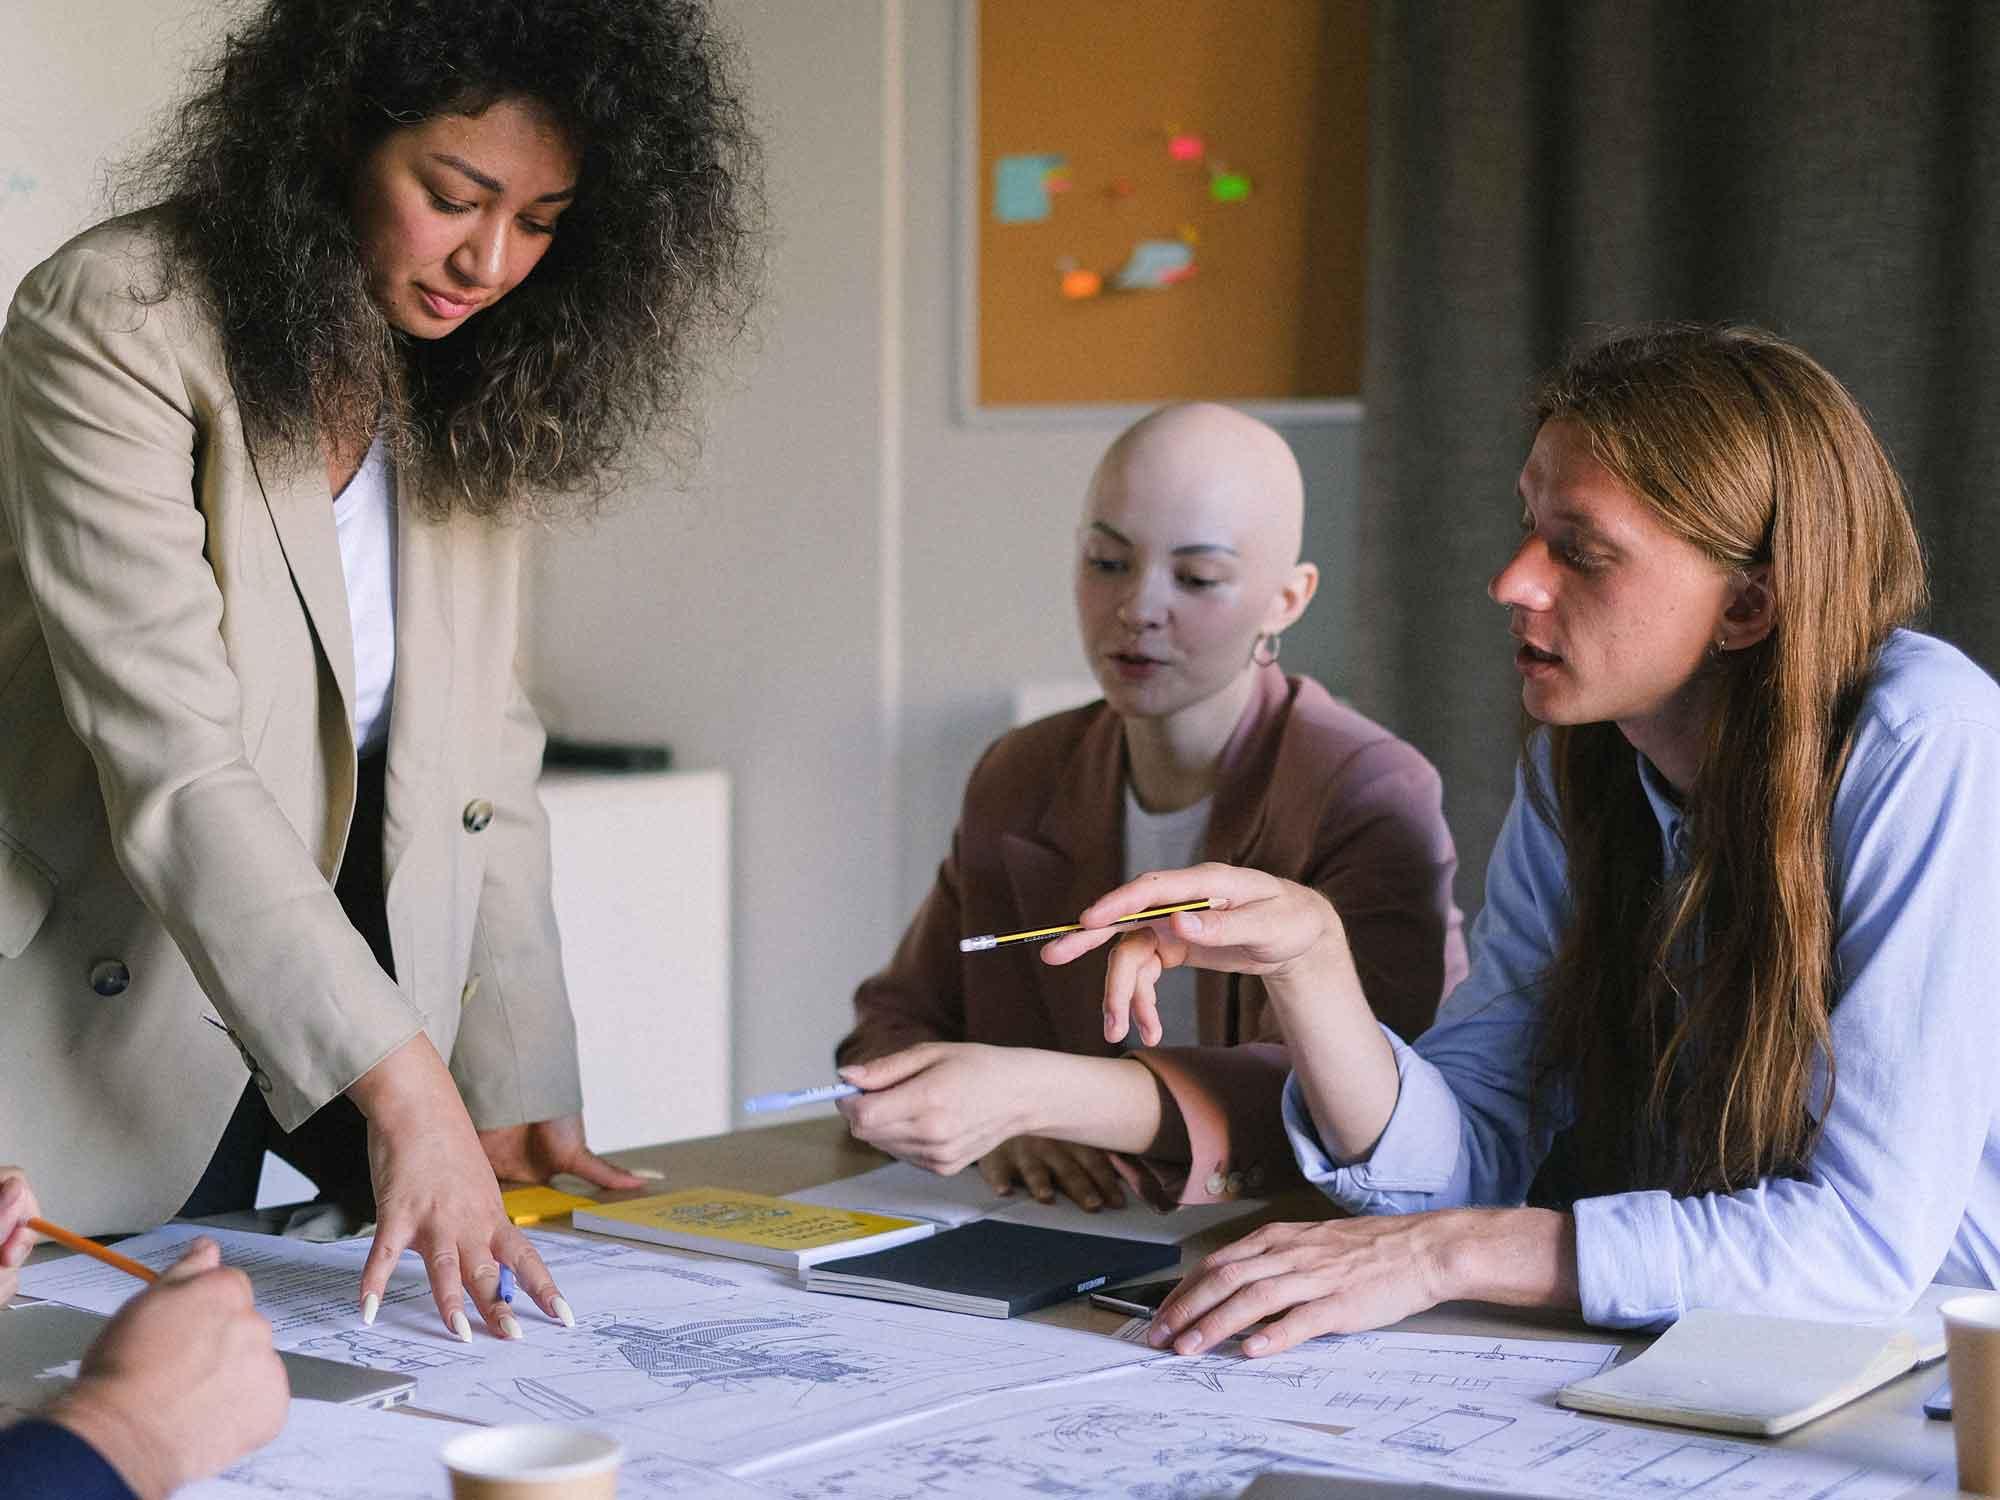 arbeitsplatz_design_trends_aufstieg_der_frauen_Gruppenarbeit_2_frauen_1_mann